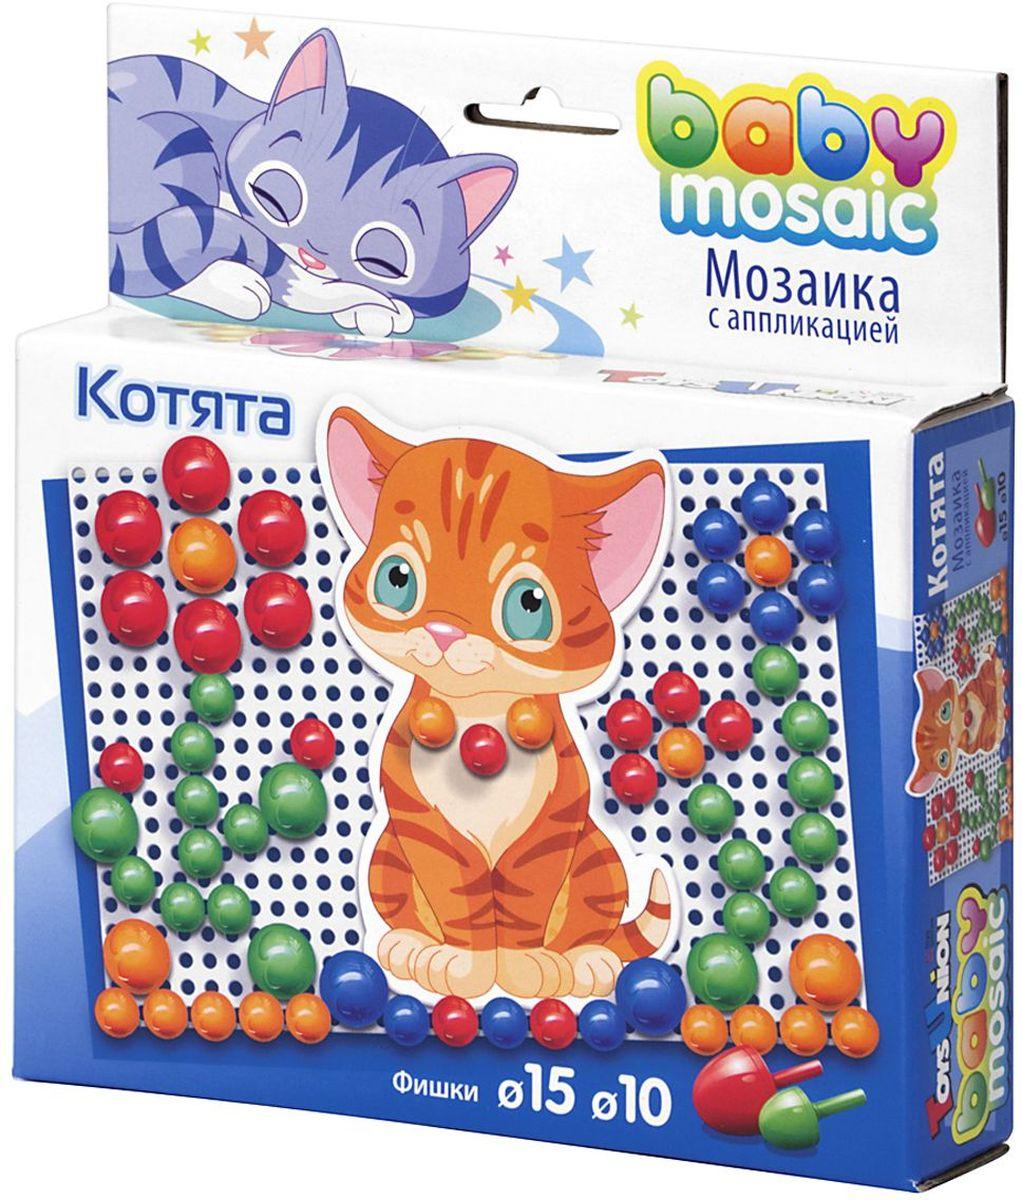 ToysUnion Детская Мозаика с аппликацией Котята00-014Мозаика – захватывающая игра для развития детей от 4-х лет и старше. Игра предназначена для развития творческого таланта ребенка, его воображения, координации, способности работать с маленькими объектами. Благодаря сочетанию мозаики и аппликации появляется возможность выйти за рамки платы, расширяя тем самым игровое пространство, что позволяет ребенку проявлять творческую активность. Элементы мозаики сделаны из легкого, небьющегося, легко моющегося, высококачественного материала, абсолютно безопасного для здоровья ребенка.